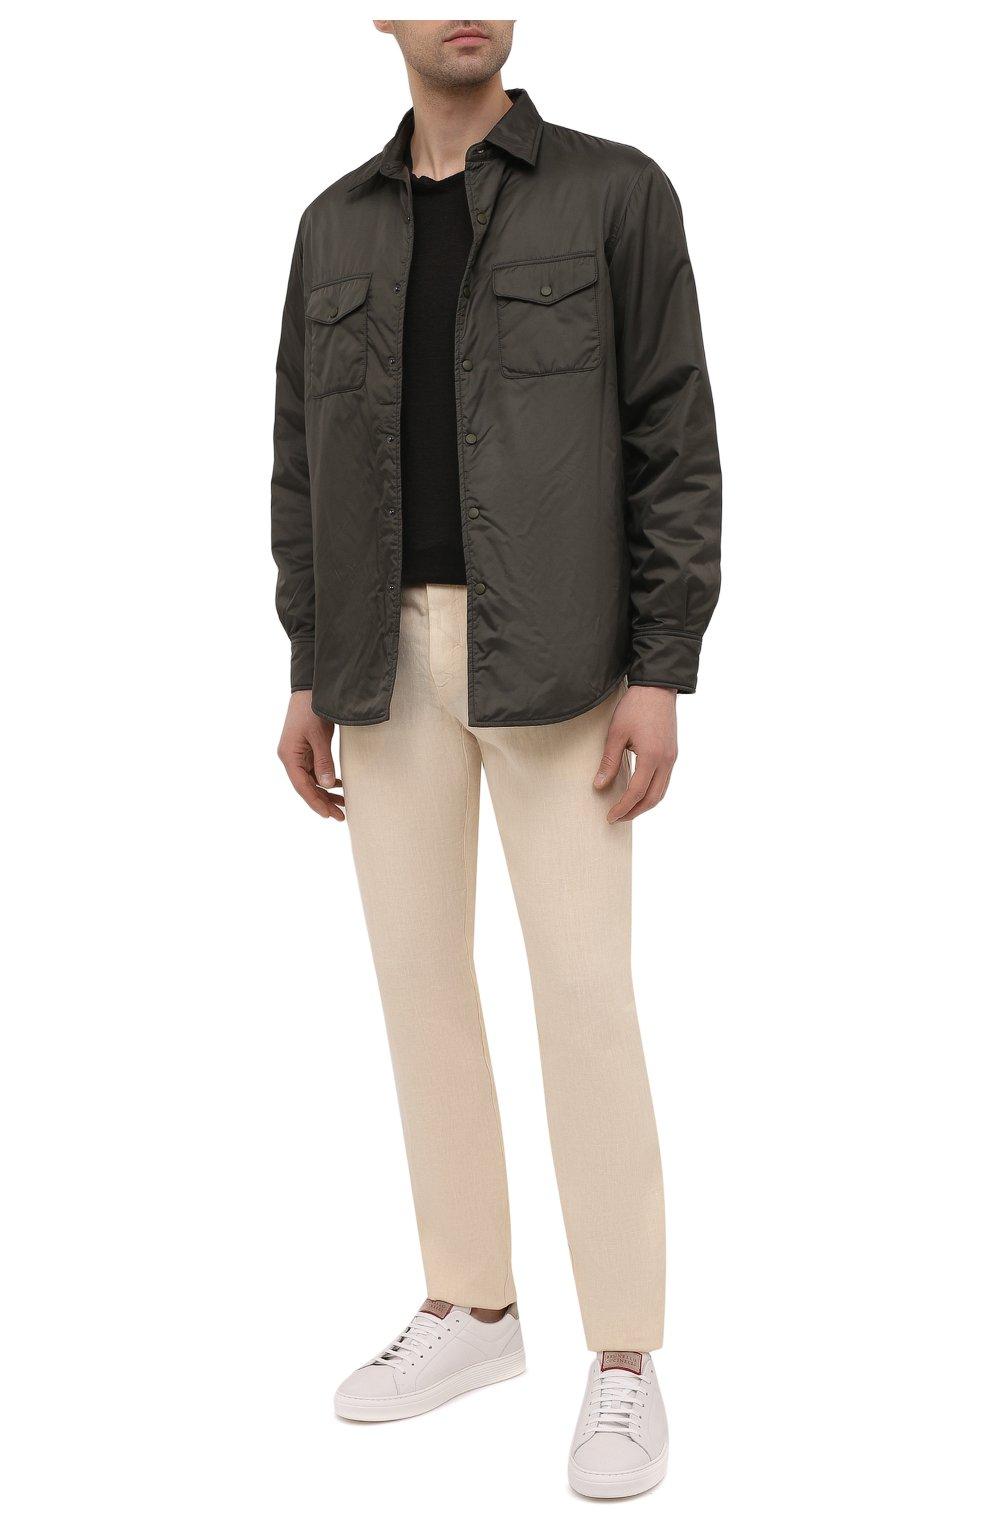 Мужские льняные брюки 120% LINO бежевого цвета, арт. T0M299M/0253/000   Фото 2 (Длина (брюки, джинсы): Стандартные; Случай: Повседневный; Материал внешний: Лен; Стили: Кэжуэл)